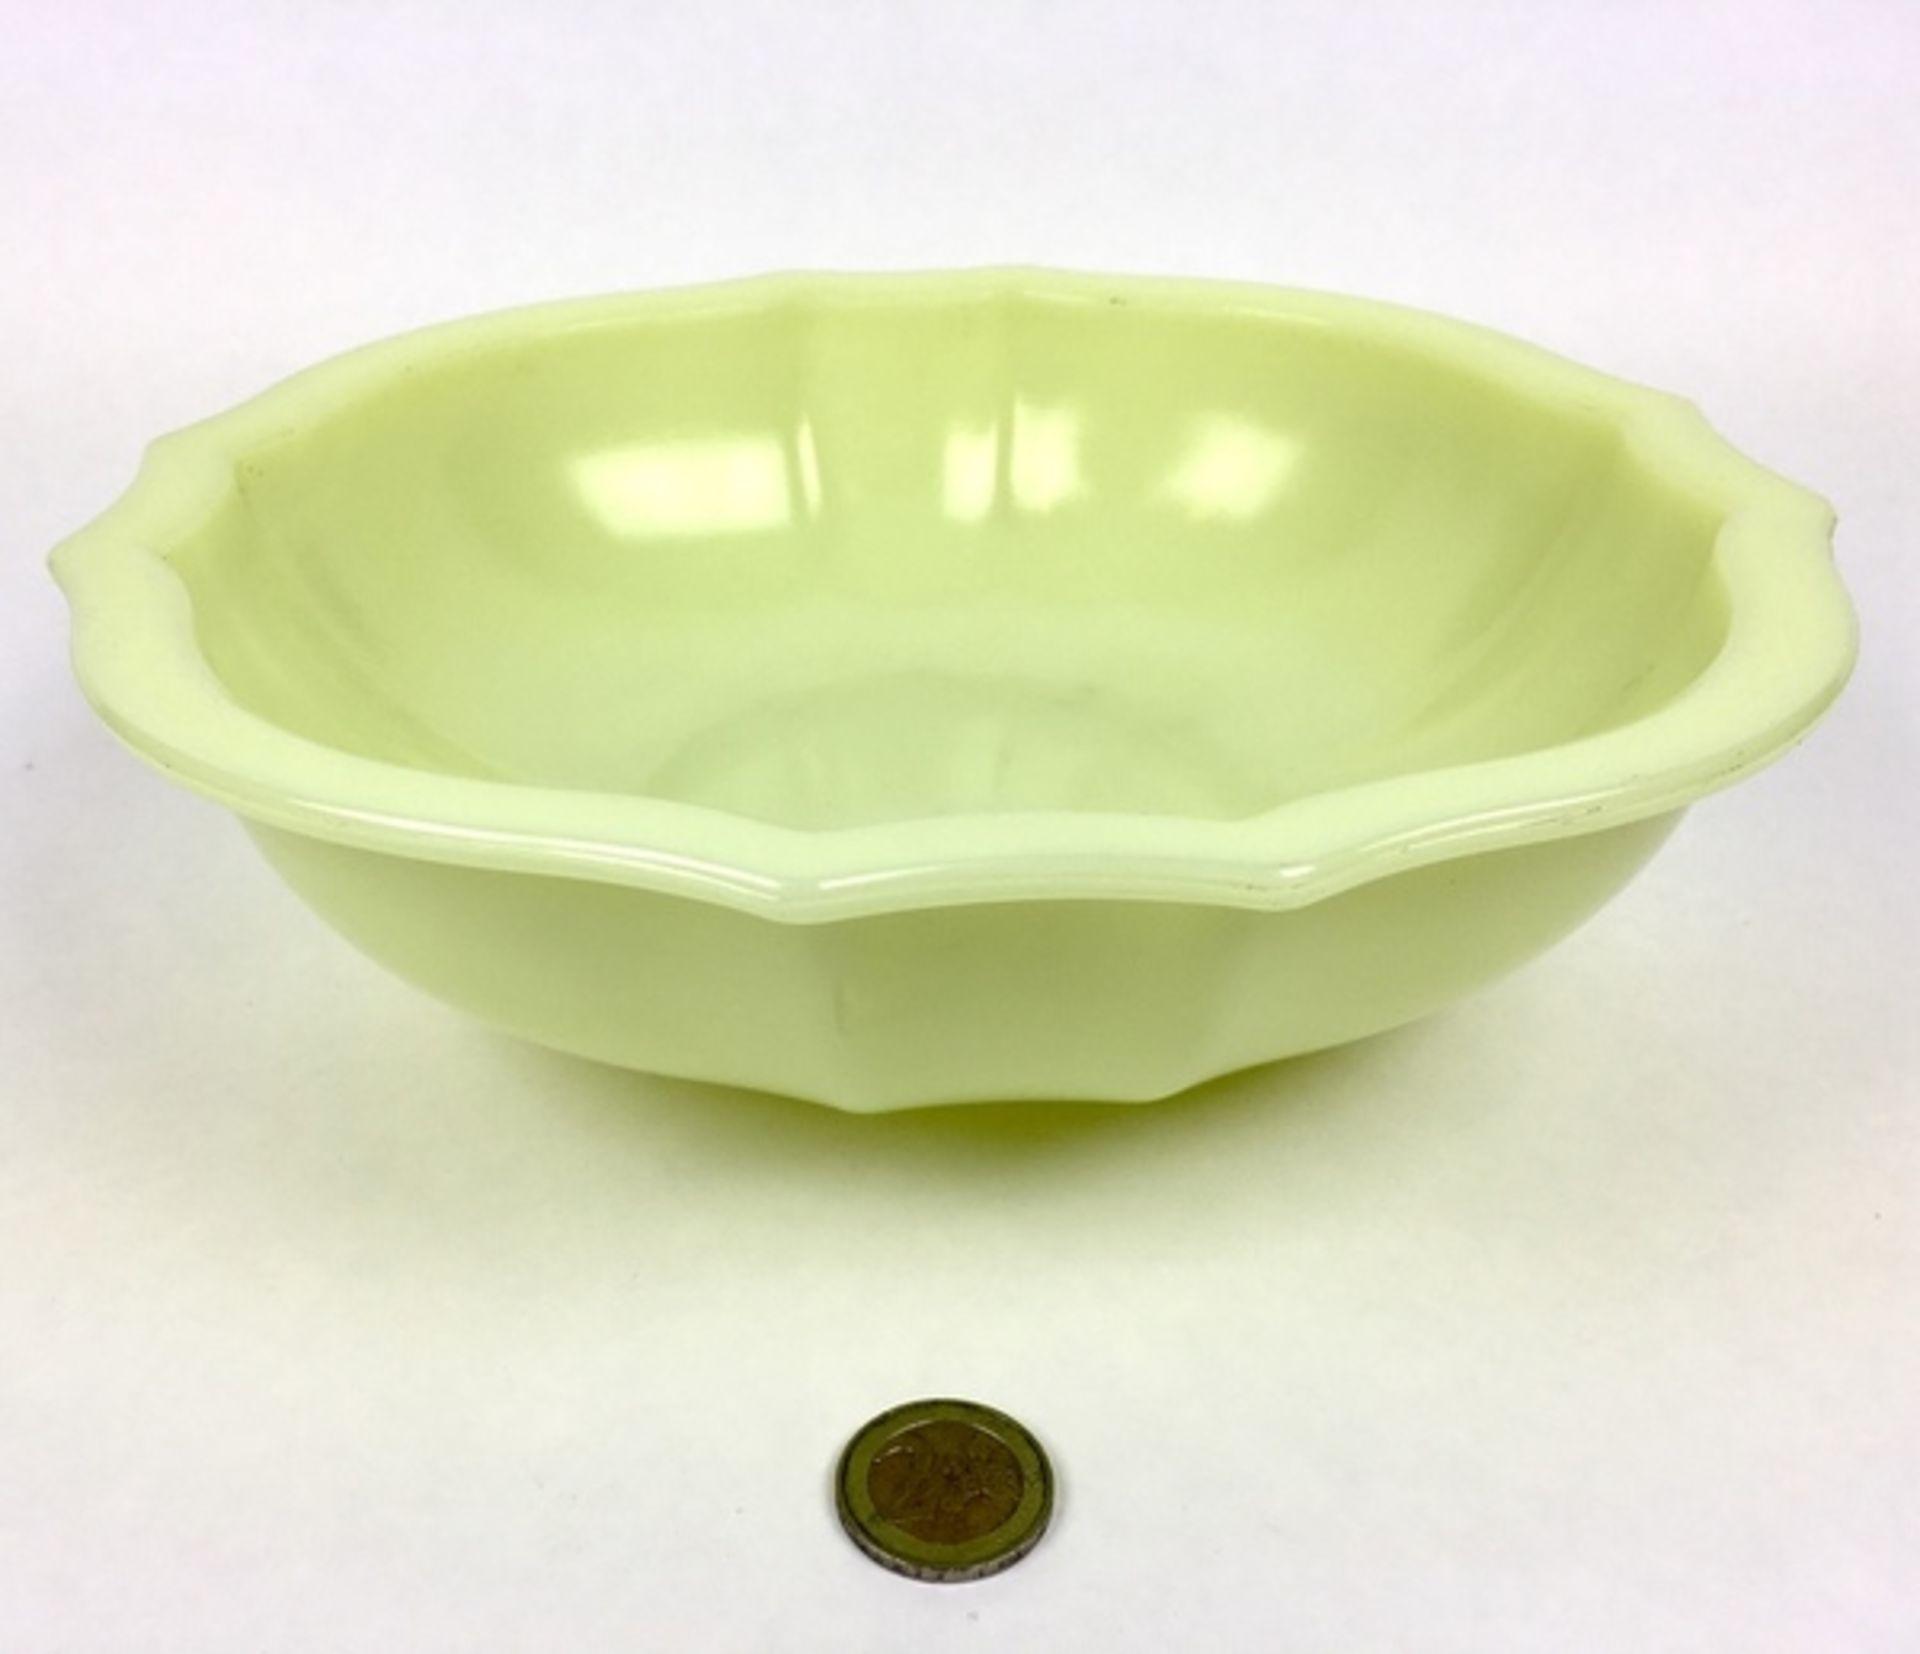 (Toegpaste kunst) Gele colopal plantenschaal, A.D. Copier Glasfabriek LeerdamGeschulpte gele co - Image 3 of 5